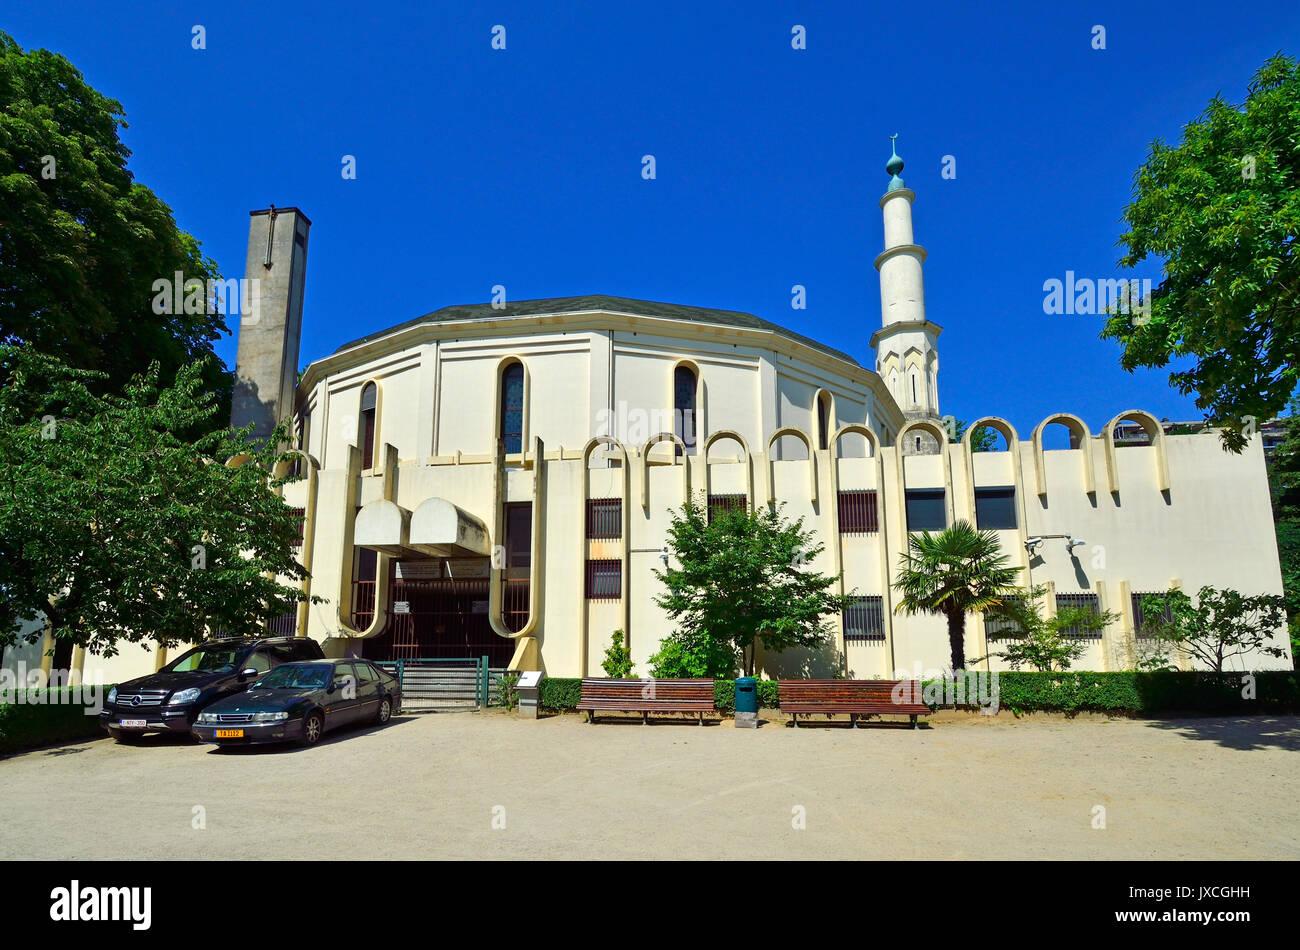 Bruxelles, Belgio. Parc du Cinquantenaire / Jubelpark. Grande Moschea di Bruxelles / islamico e Cultual Centro del Belgio (1978) Immagini Stock